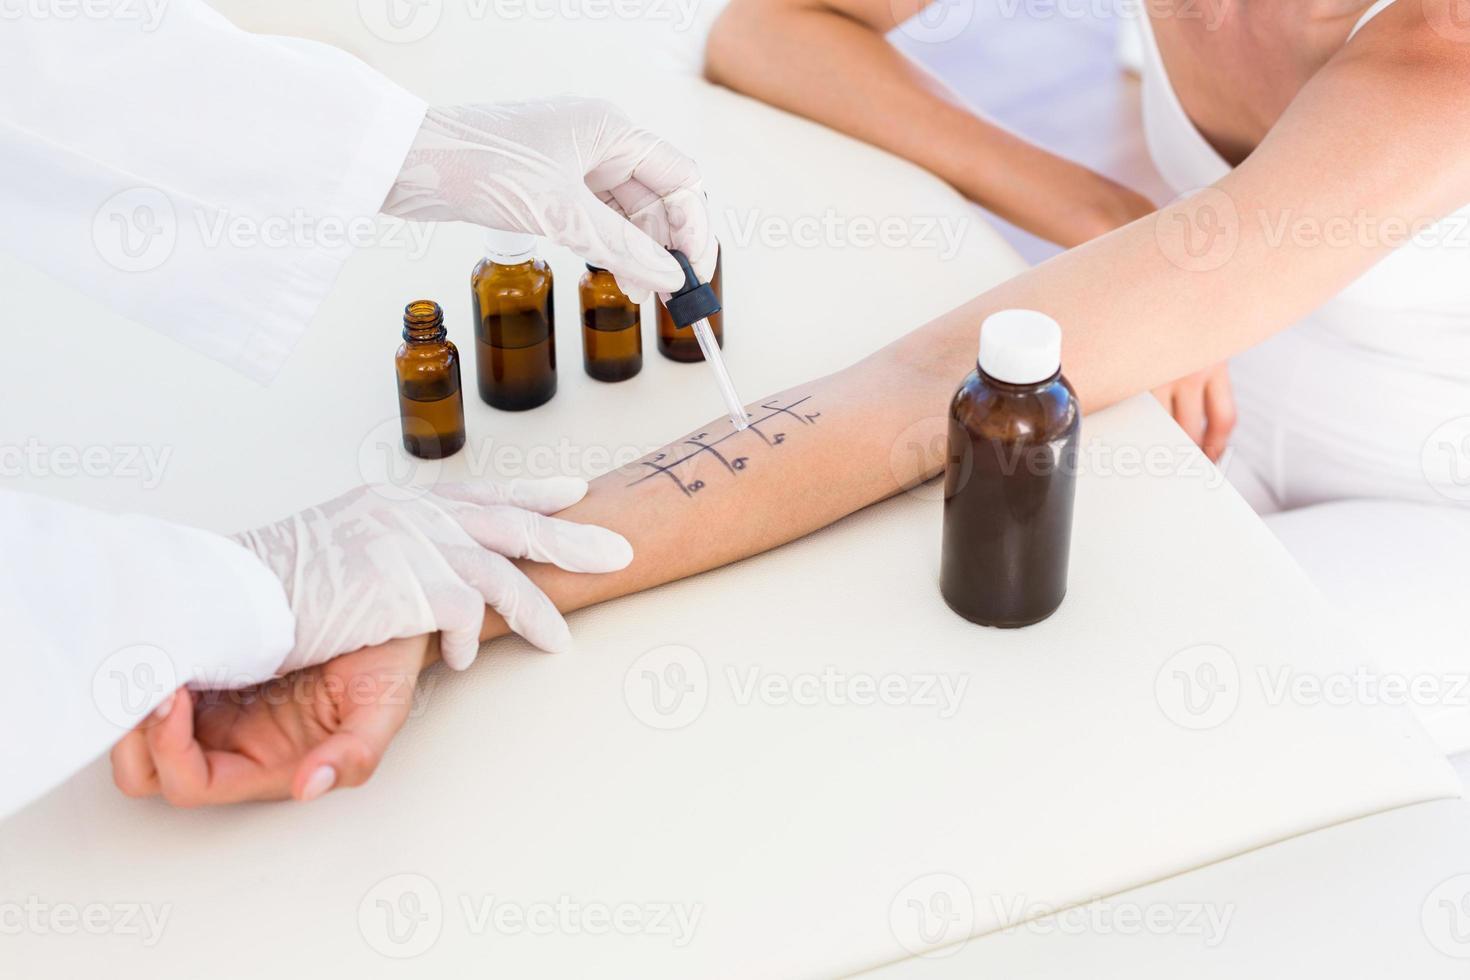 arts doet huidpriktest bij haar patiënt foto